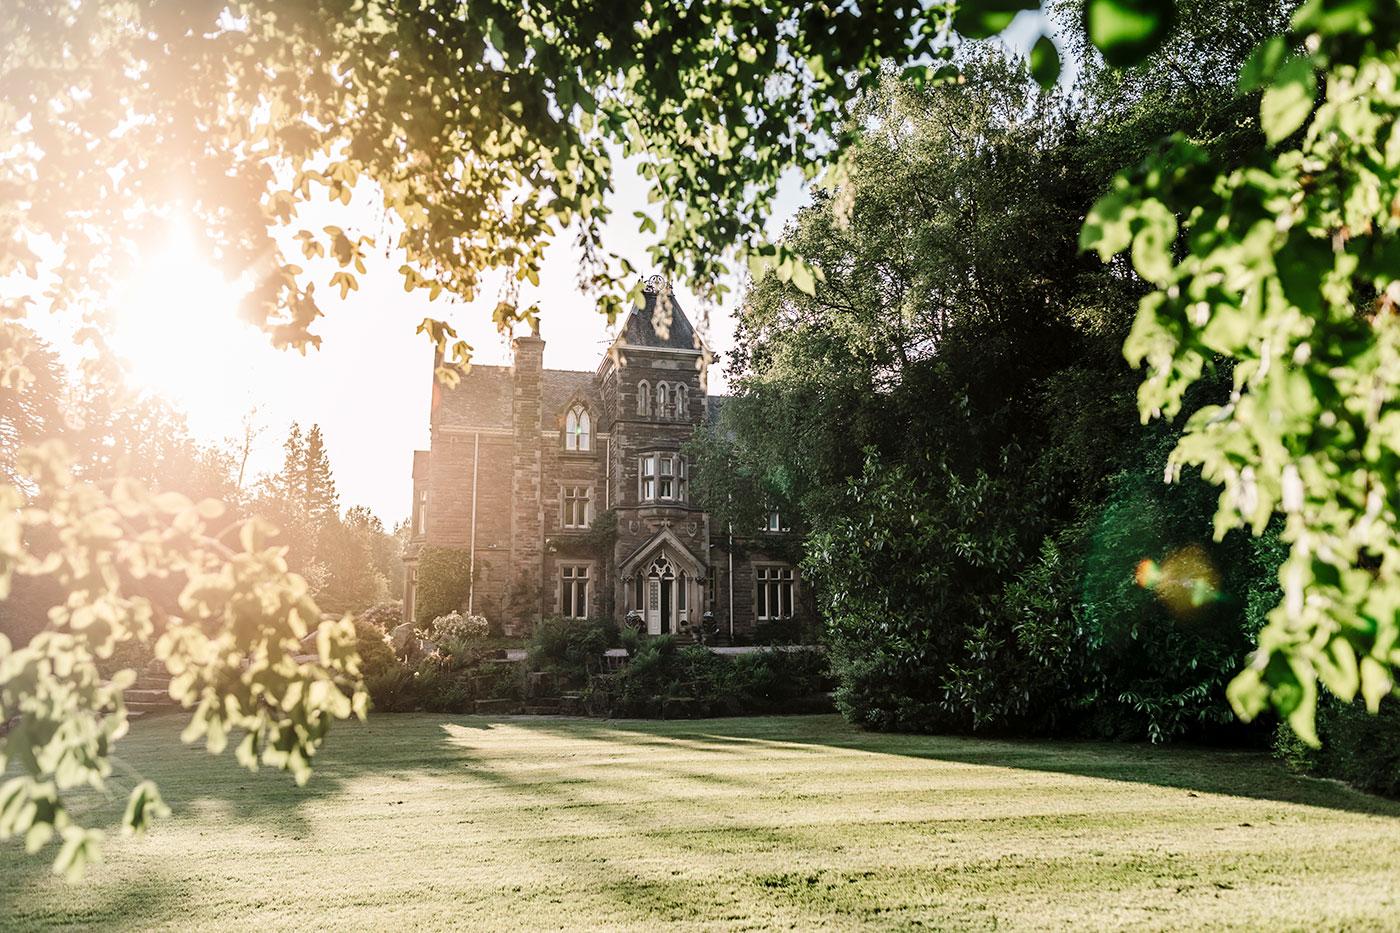 Dunwood Hall Estate Wedding Venue